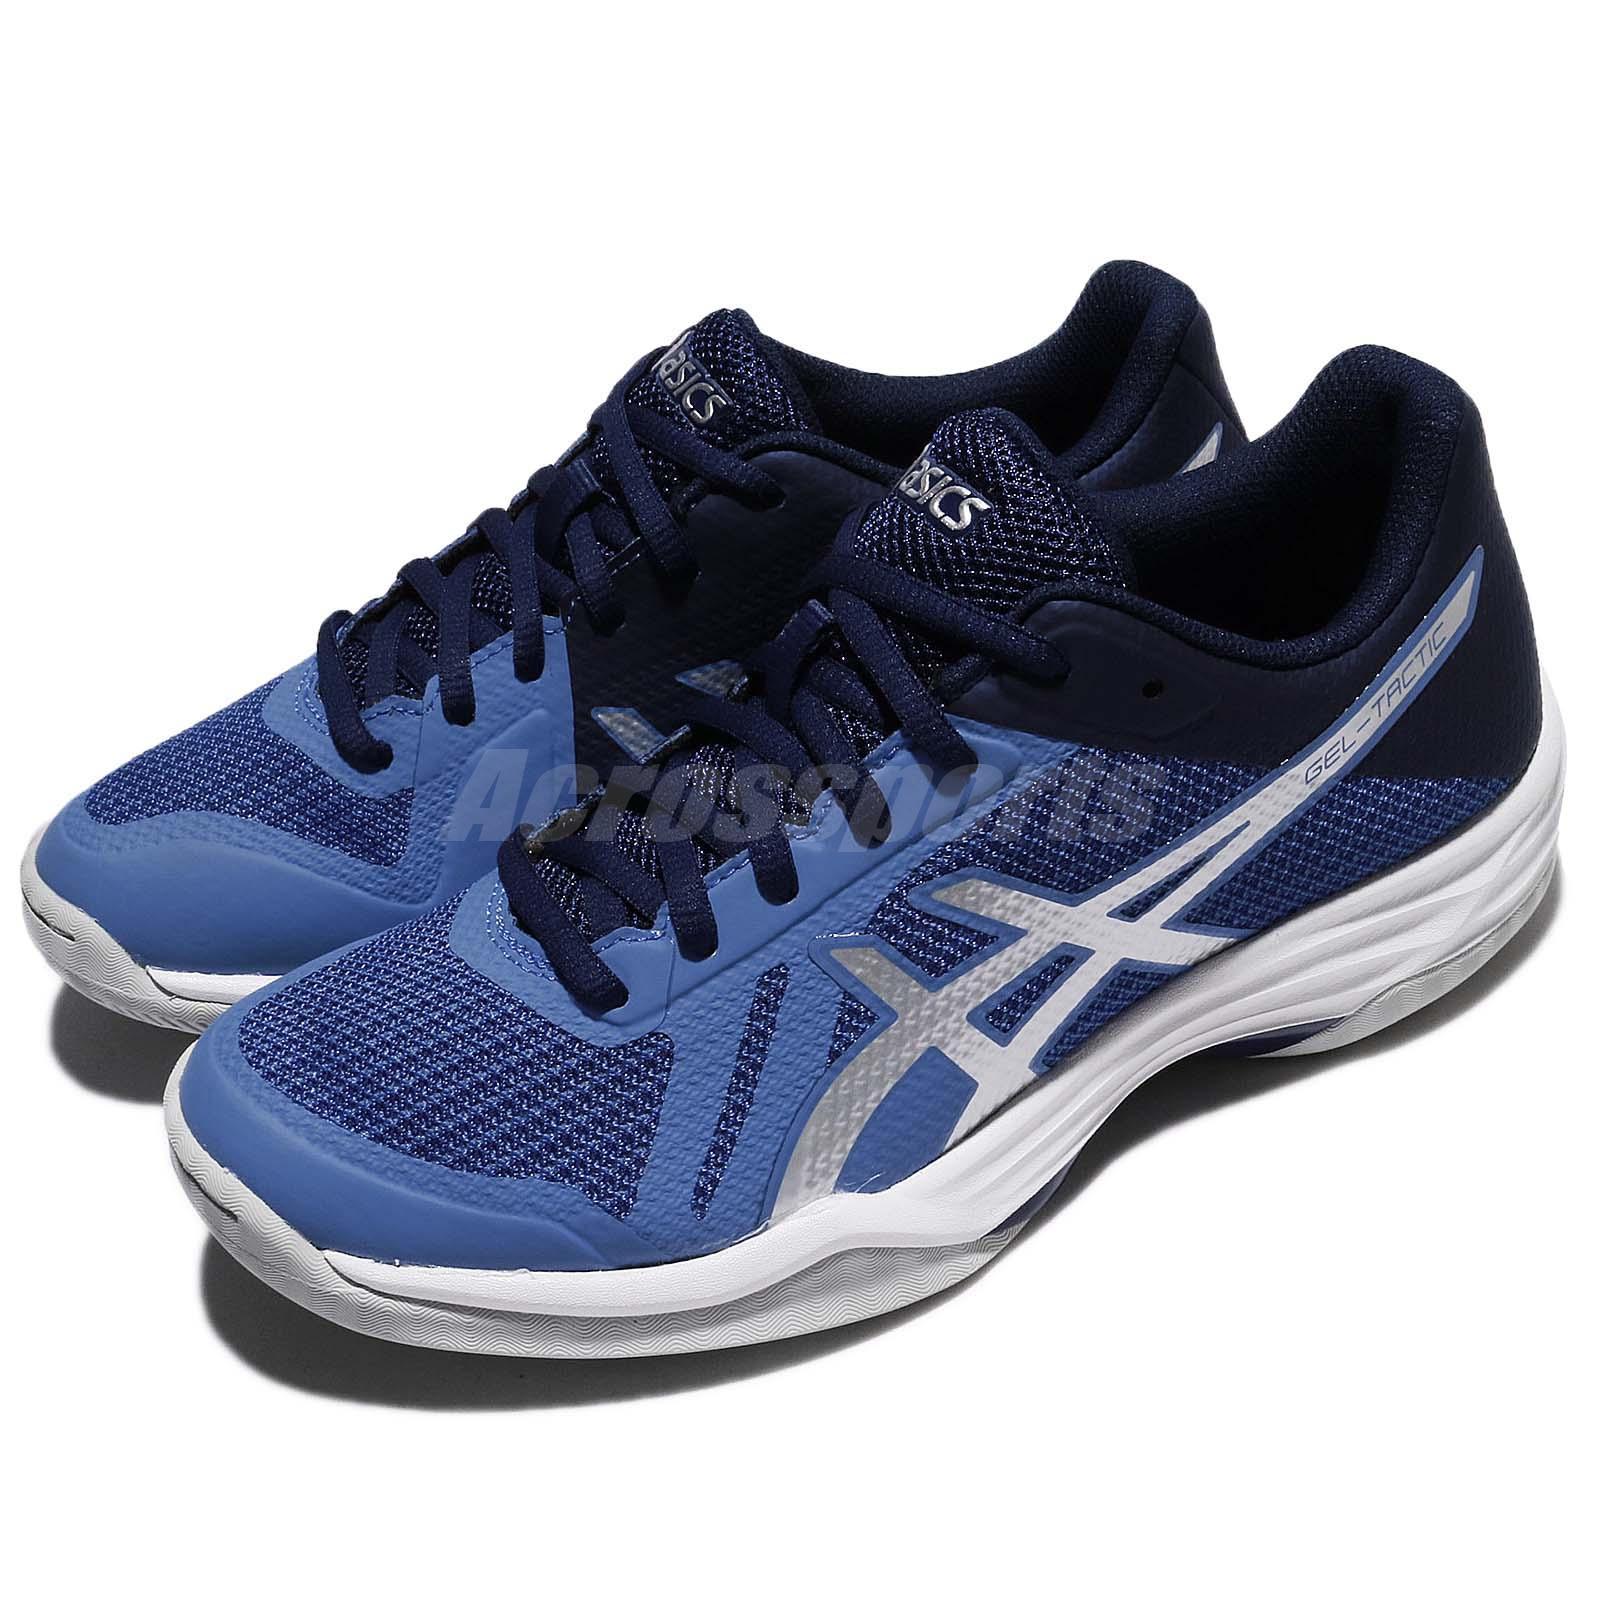 Asics Gel Tactic Blue Silver Women Indoor Badminton Volleyball Shoe B752N 4093